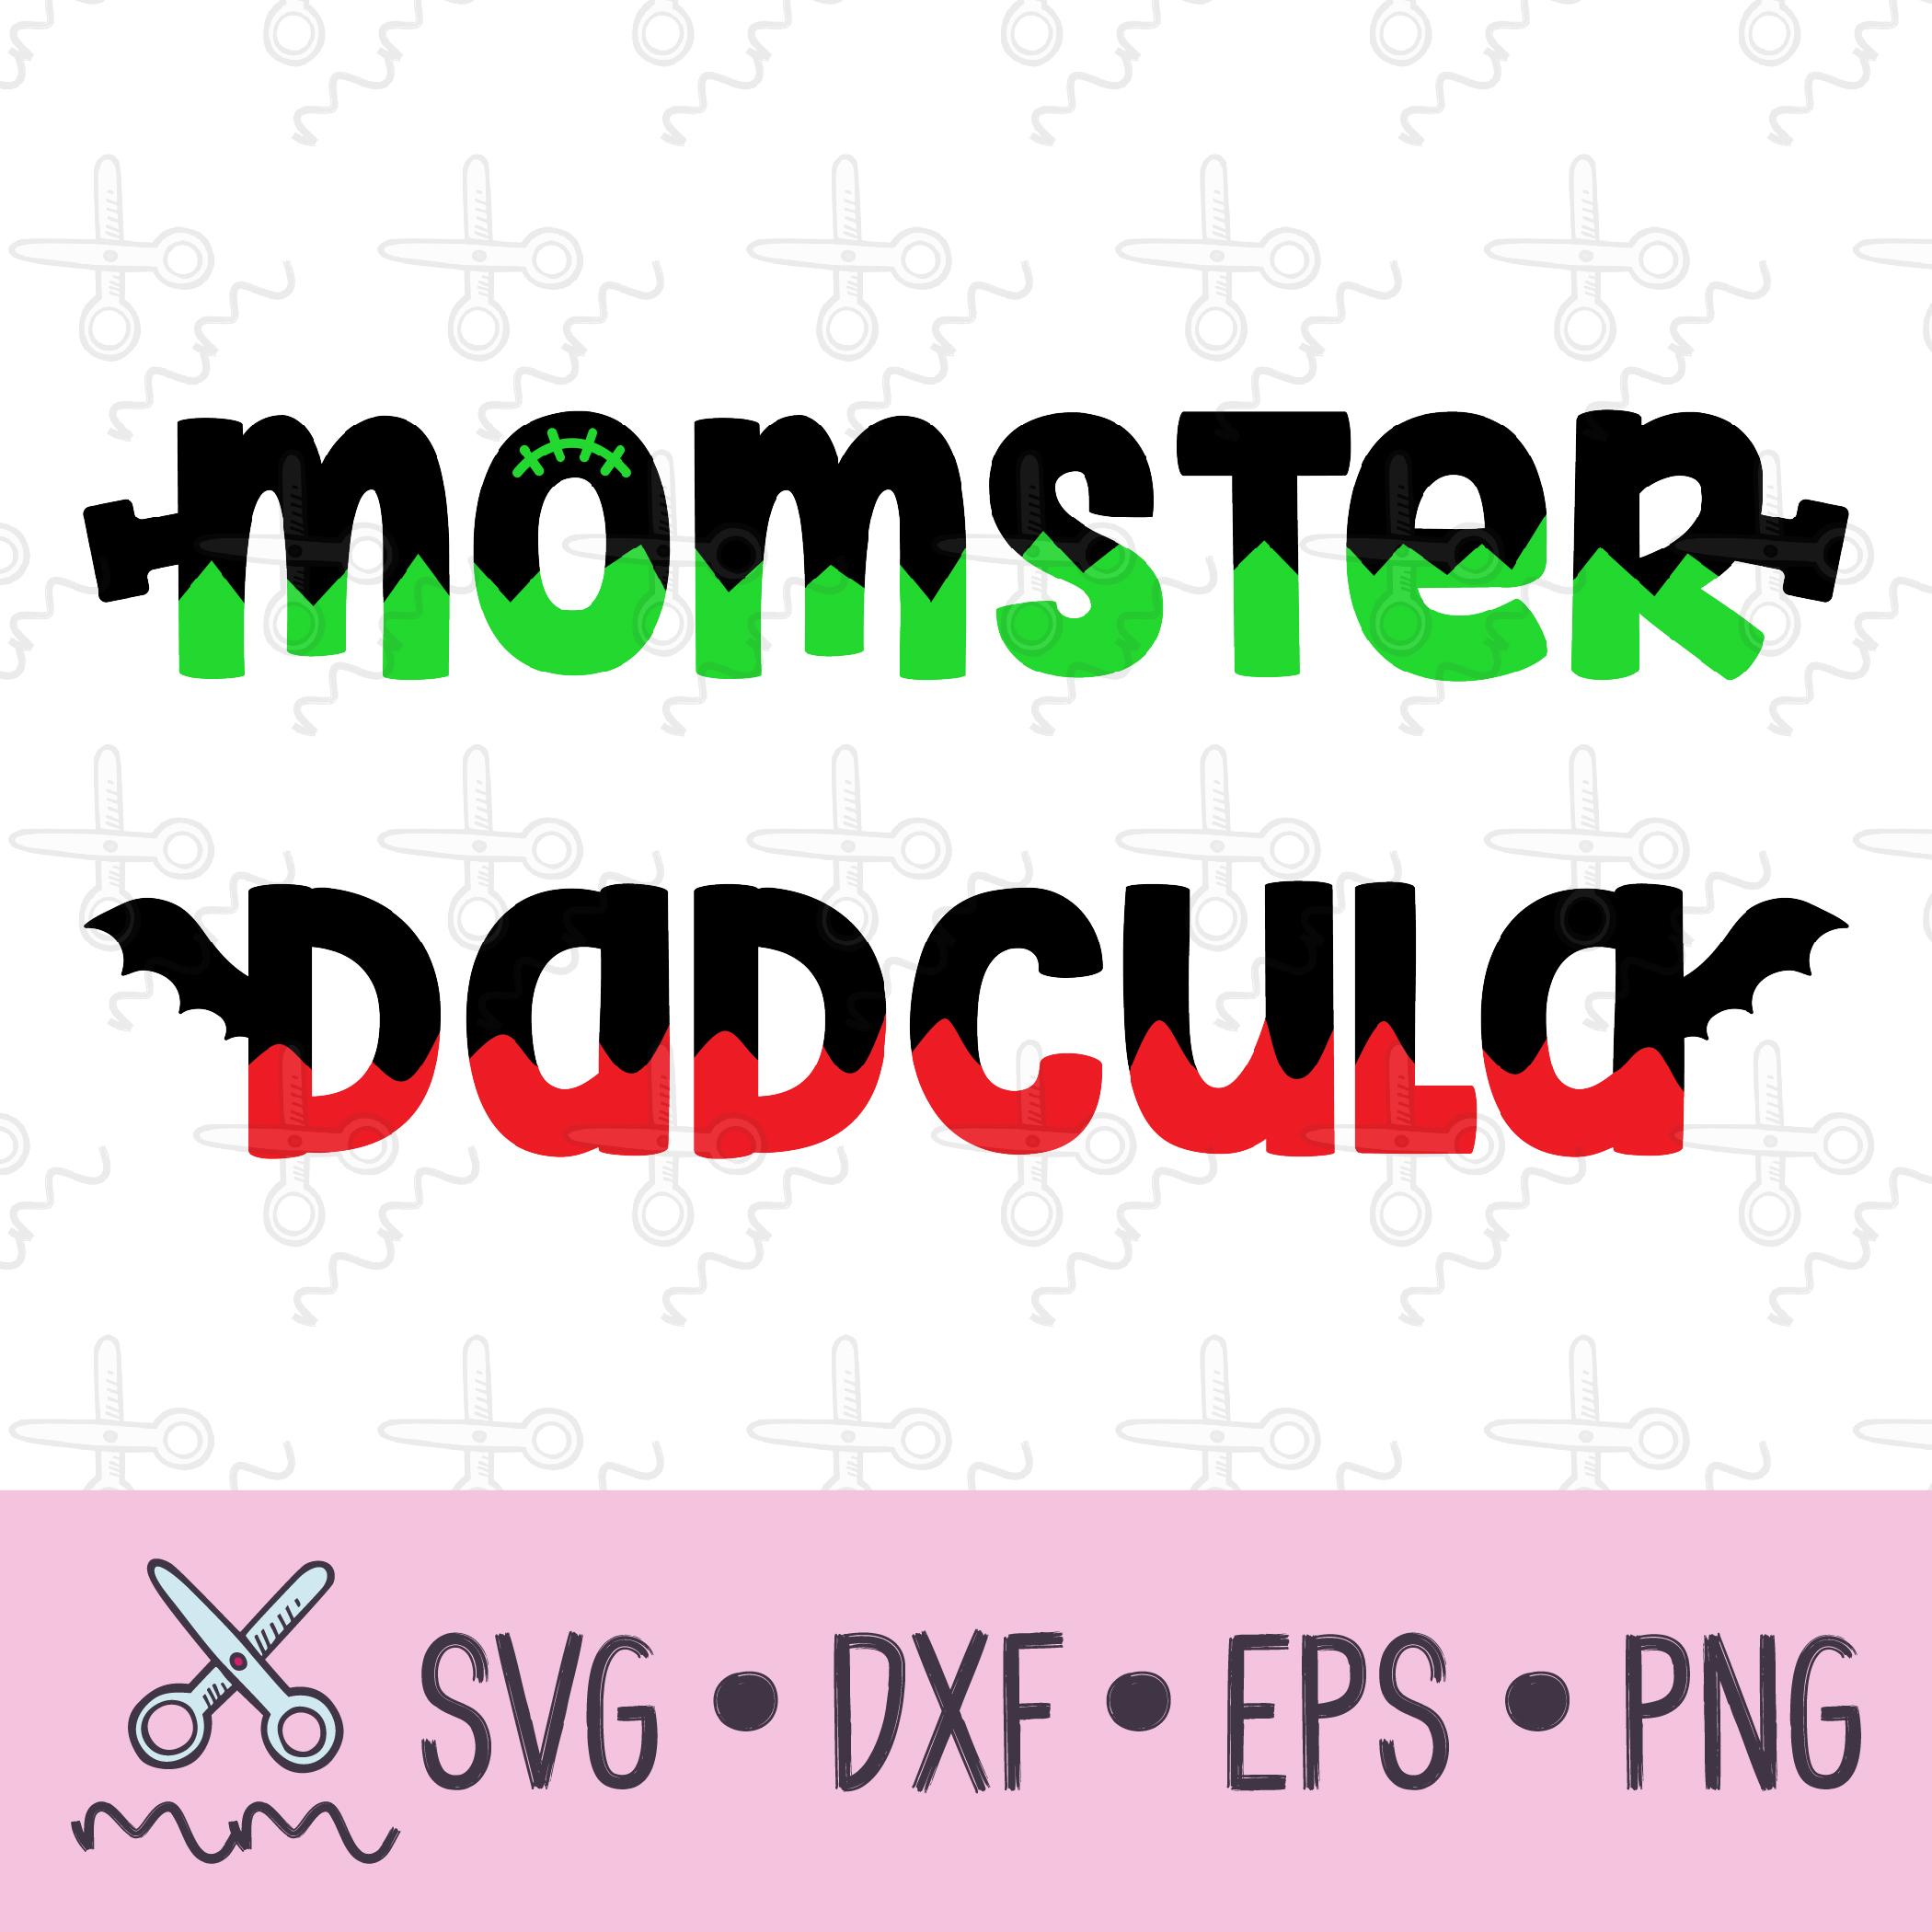 Momster And Dadcula Svg Bundle The Modish Maker